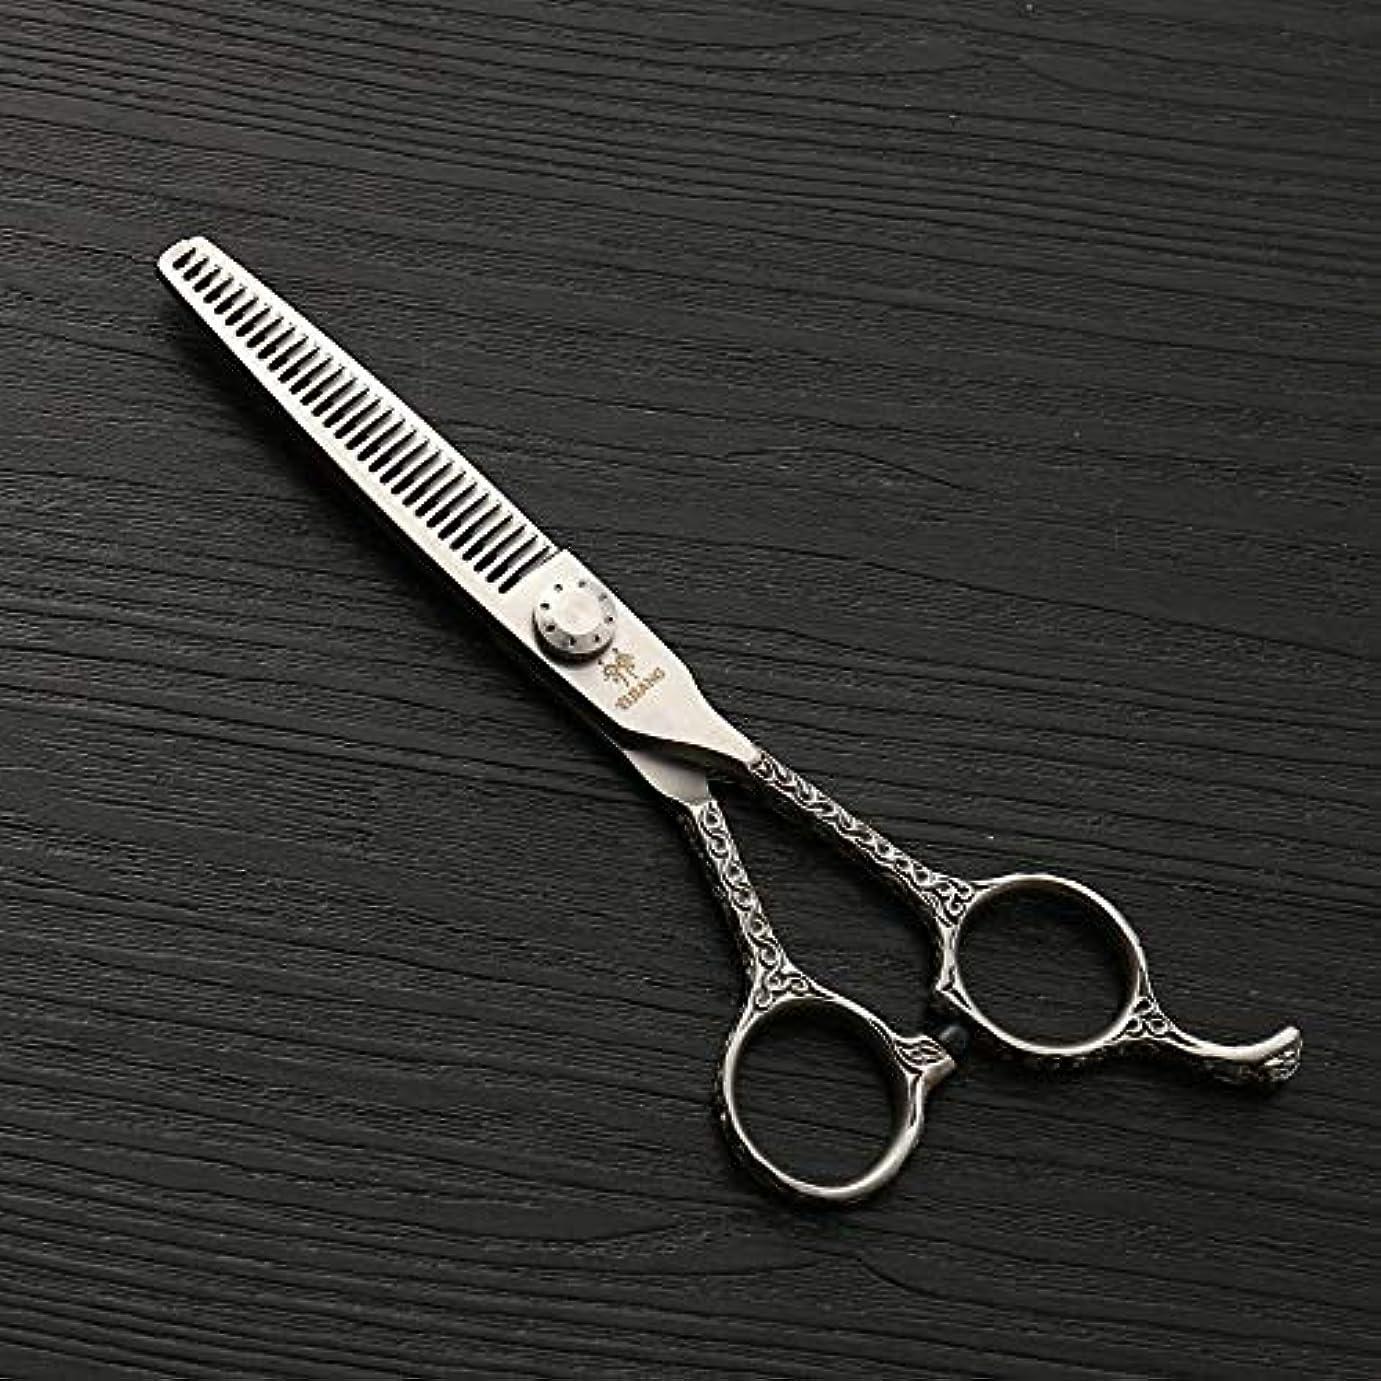 インディカ数字凝視6インチの美容院の専門のヘアカットScissors440Cのステンレス鋼 ヘアケア (色 : Silver)